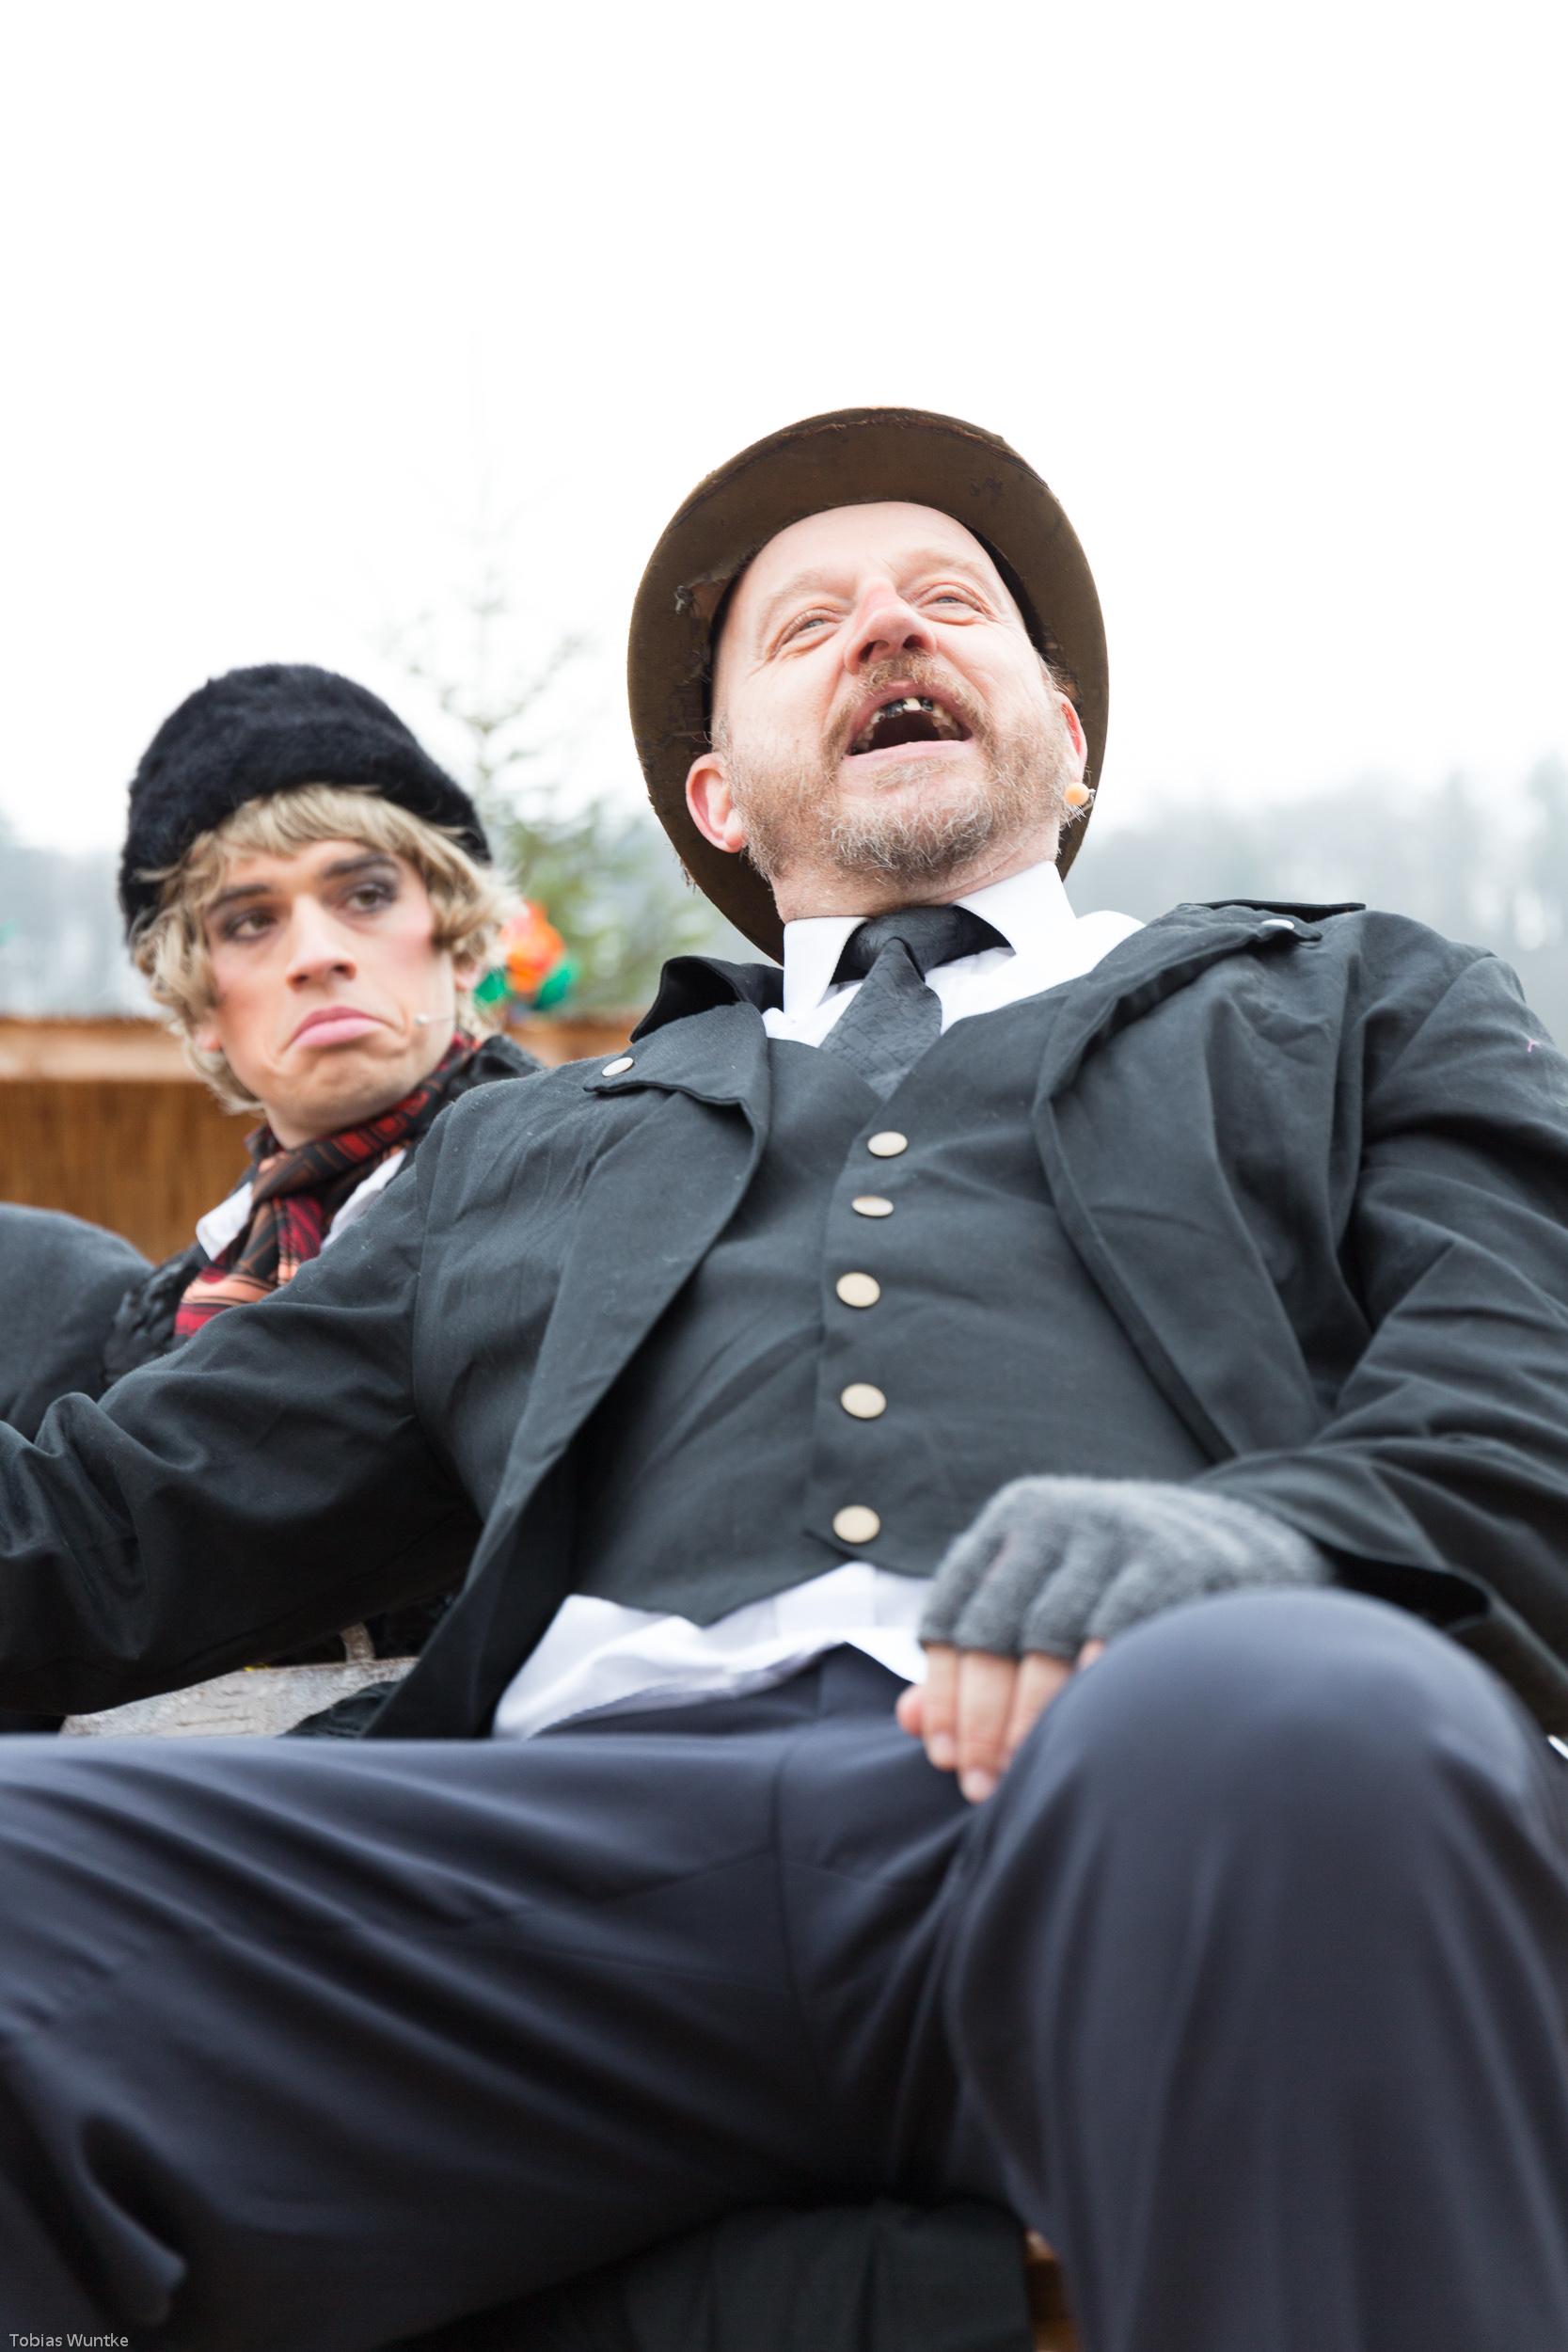 Aufnahme von einem Theaterspieler mit Gebiss und abgewetztem Zylinder.